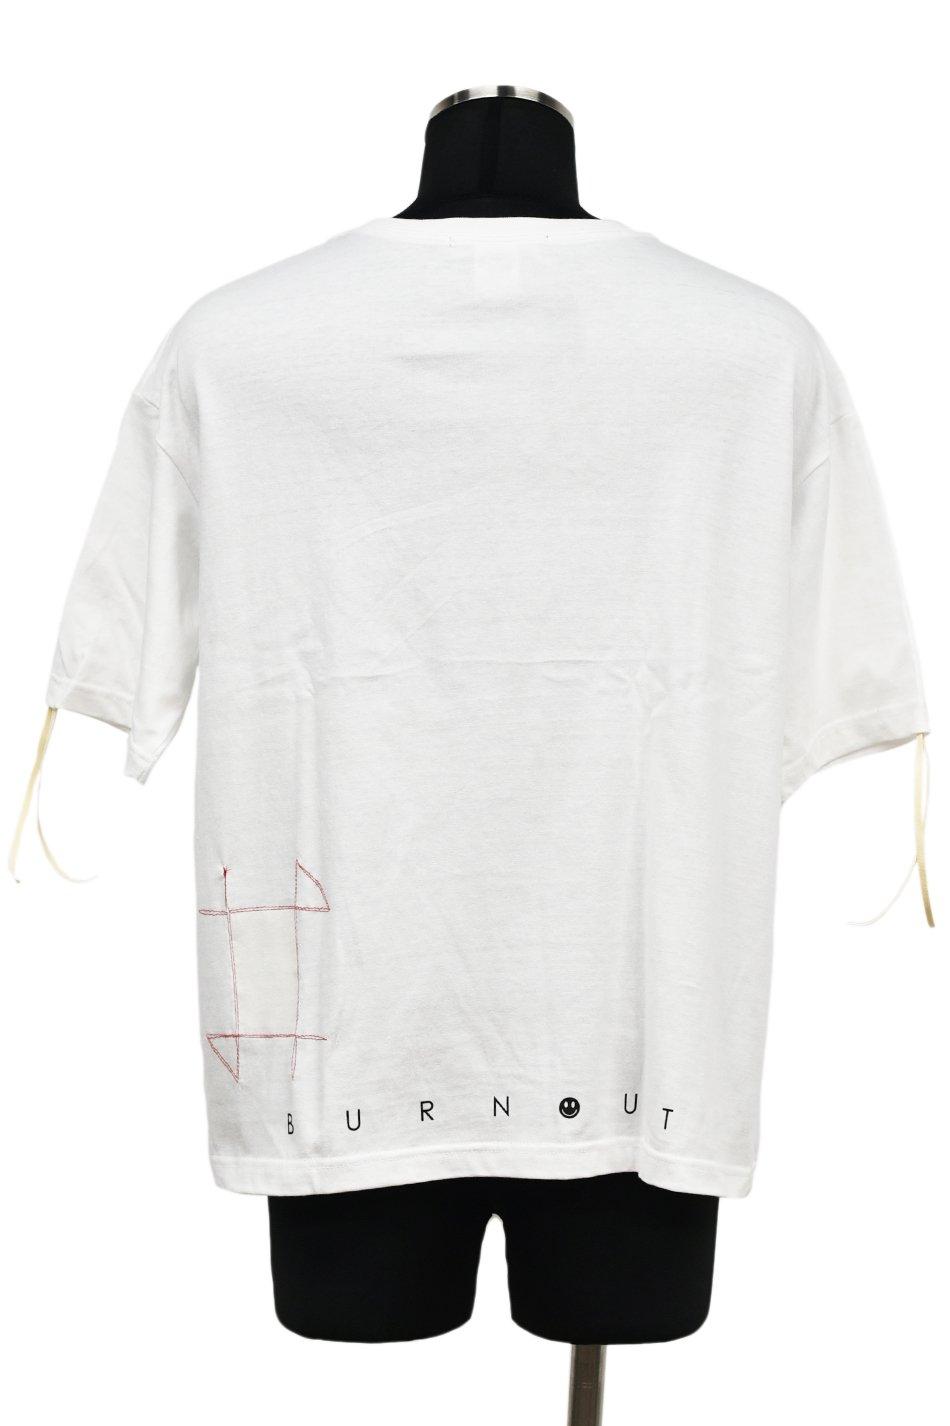 Burnout(バーンアウト)【BURNOUT】ビッグシルエット フリンジTシャツ / ホワイト